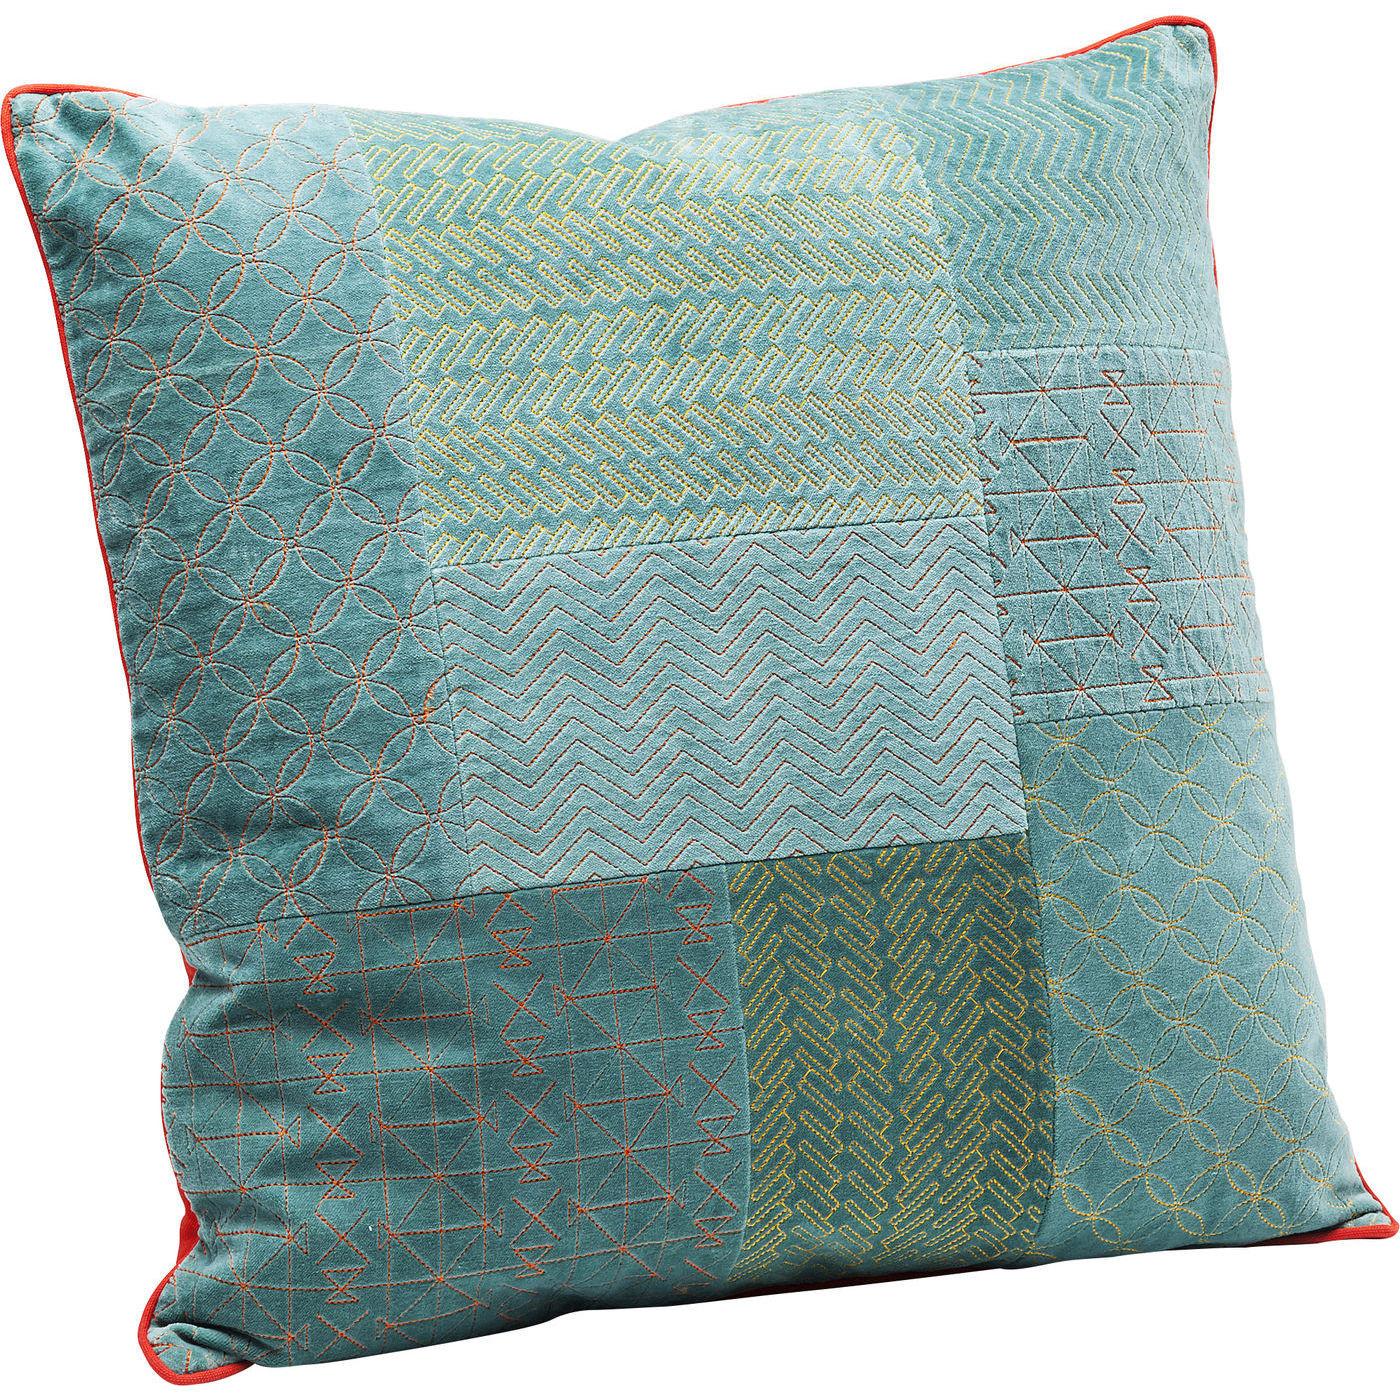 kissen patchwork bright t rkis 50x50cm kare design mutoni m bel. Black Bedroom Furniture Sets. Home Design Ideas